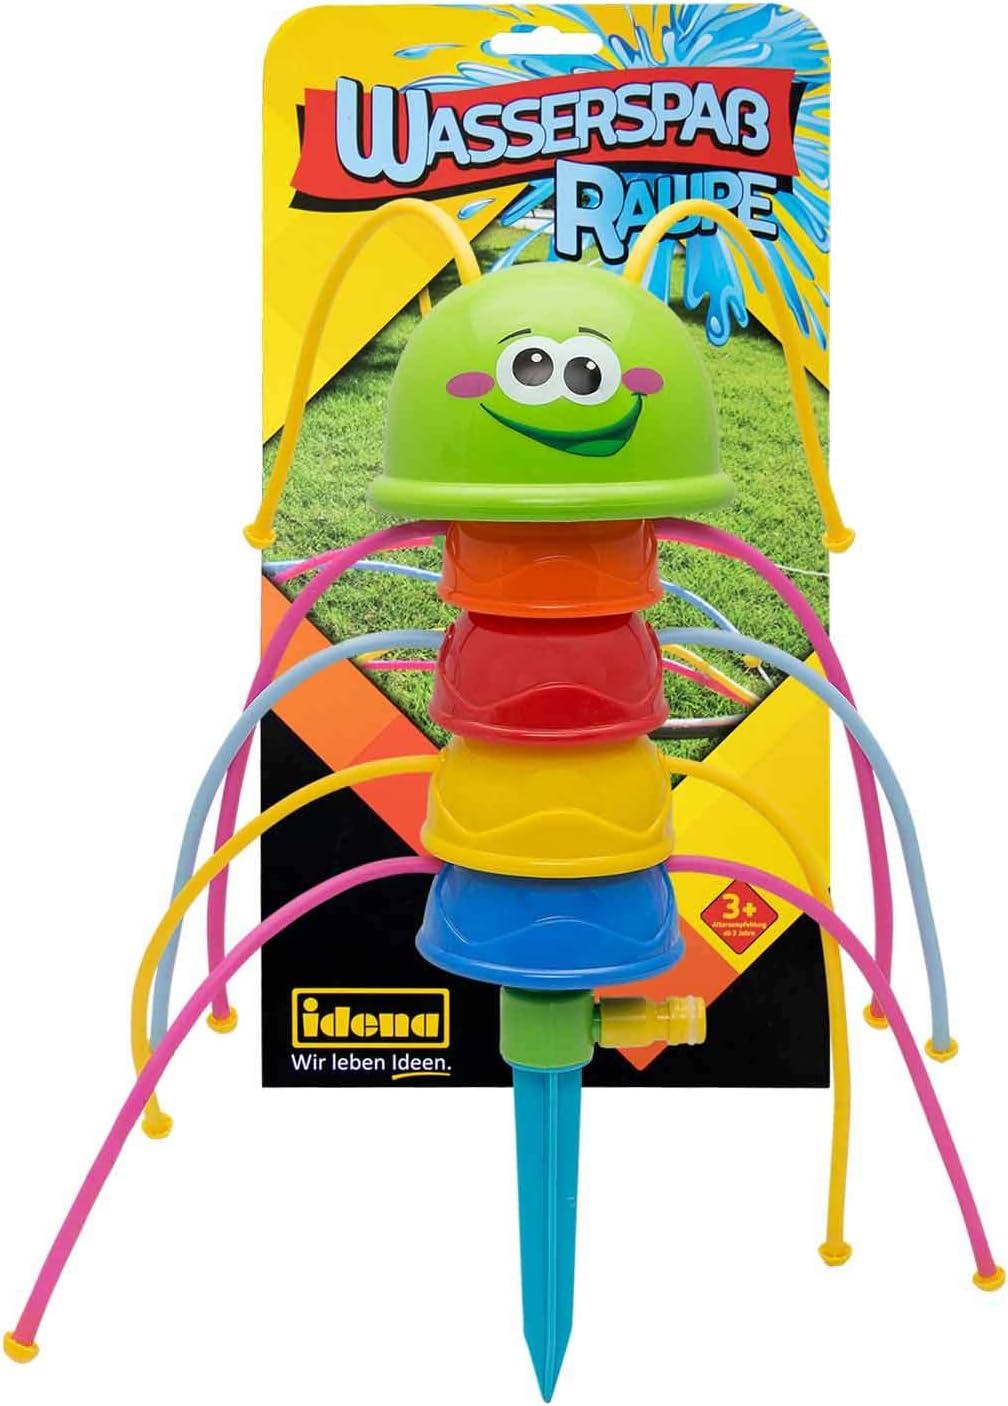 irrigatore con picchetto Multicolore Idena- Divertimento in Acqua con Bruco 40160 per Bambini a Partire dai 3 Anni Circa 41 cm Basta collegarlo al Tubo da Giardino